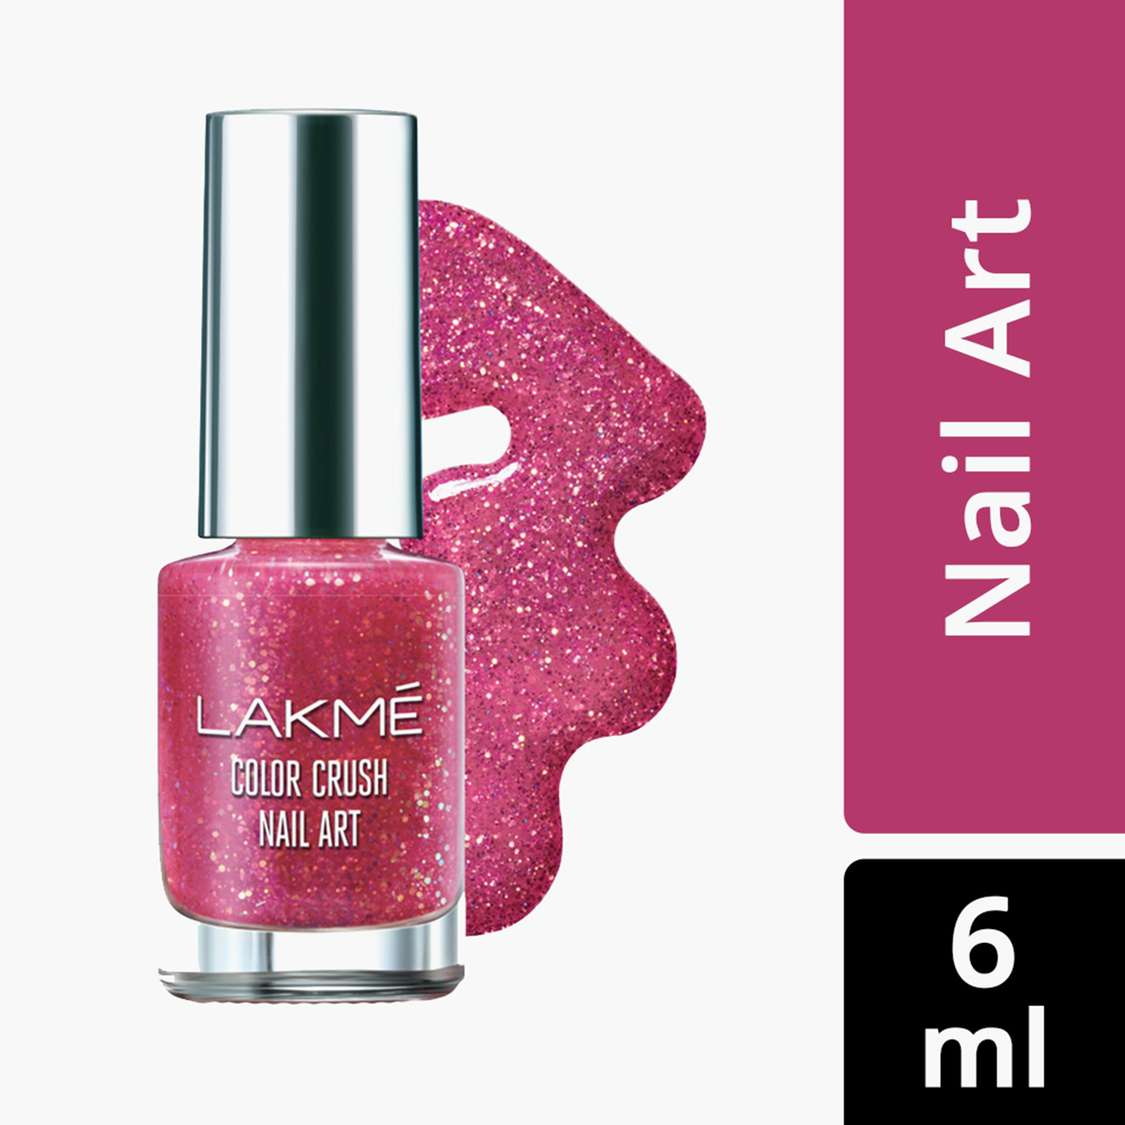 LAKME Color Crush Nail Art